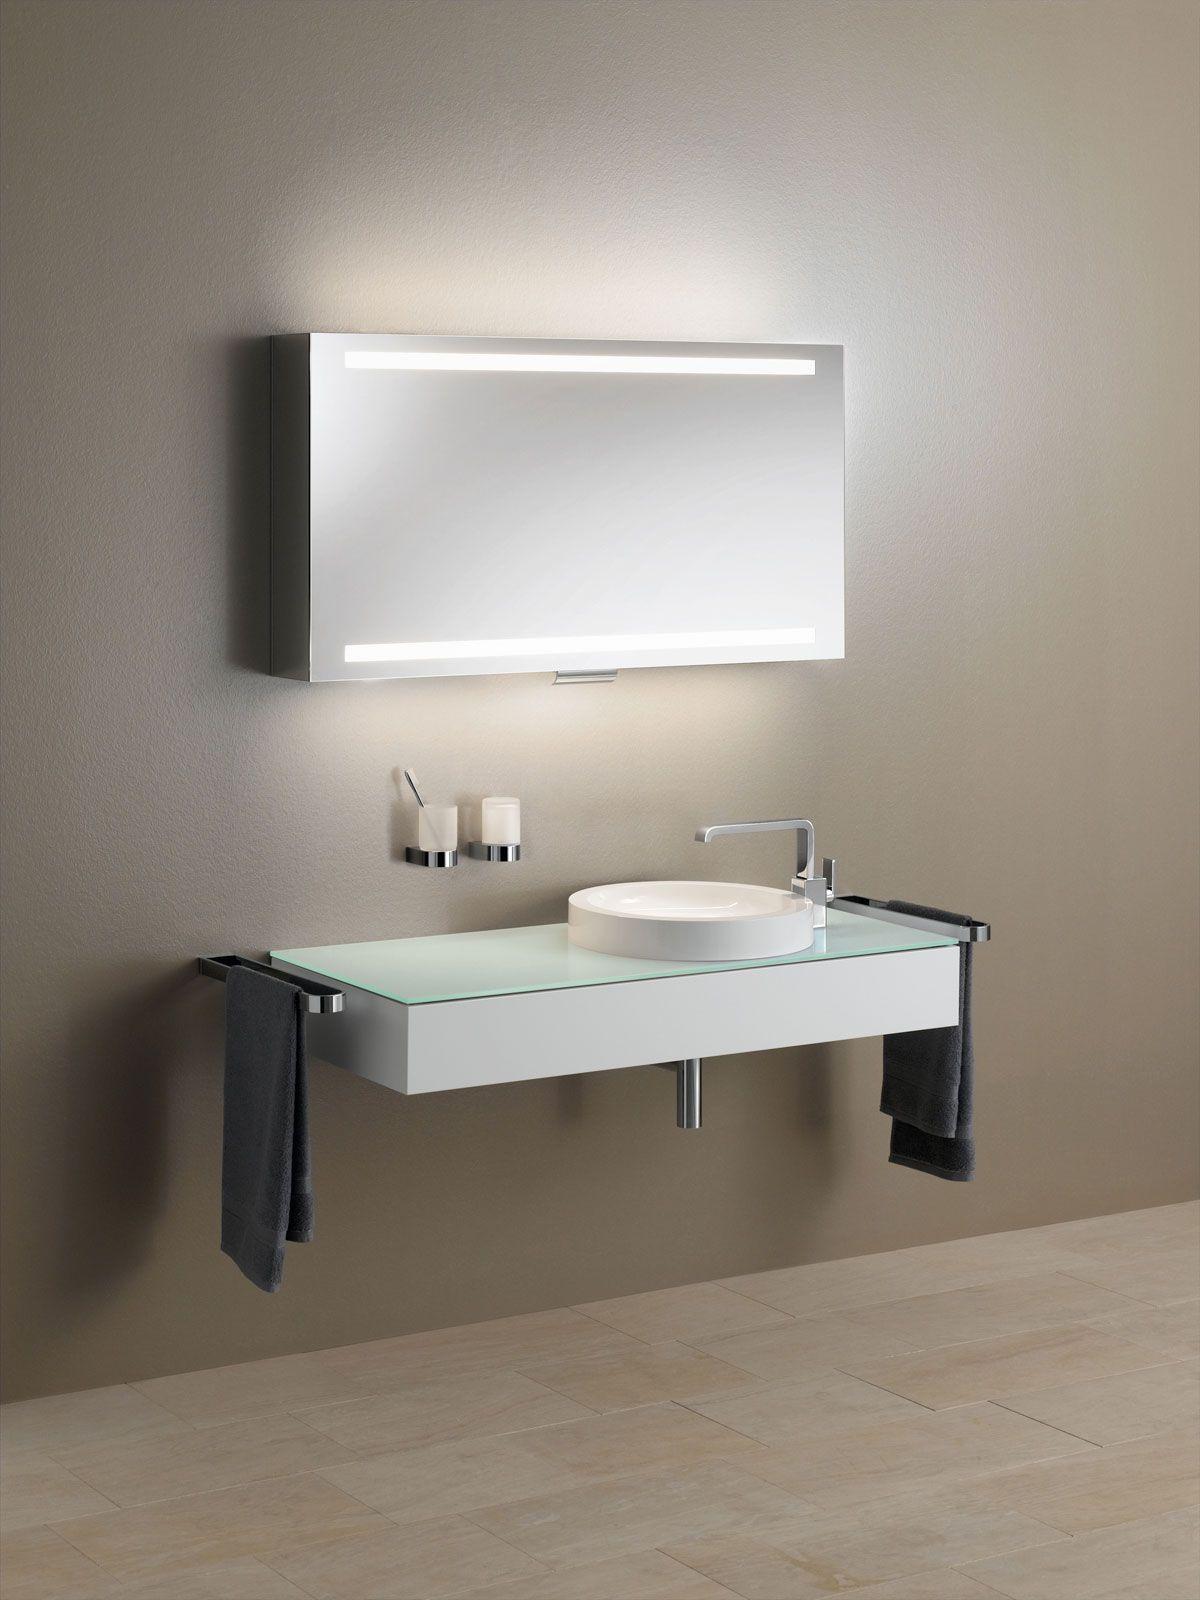 Keuco Edition 300 Furniture Range